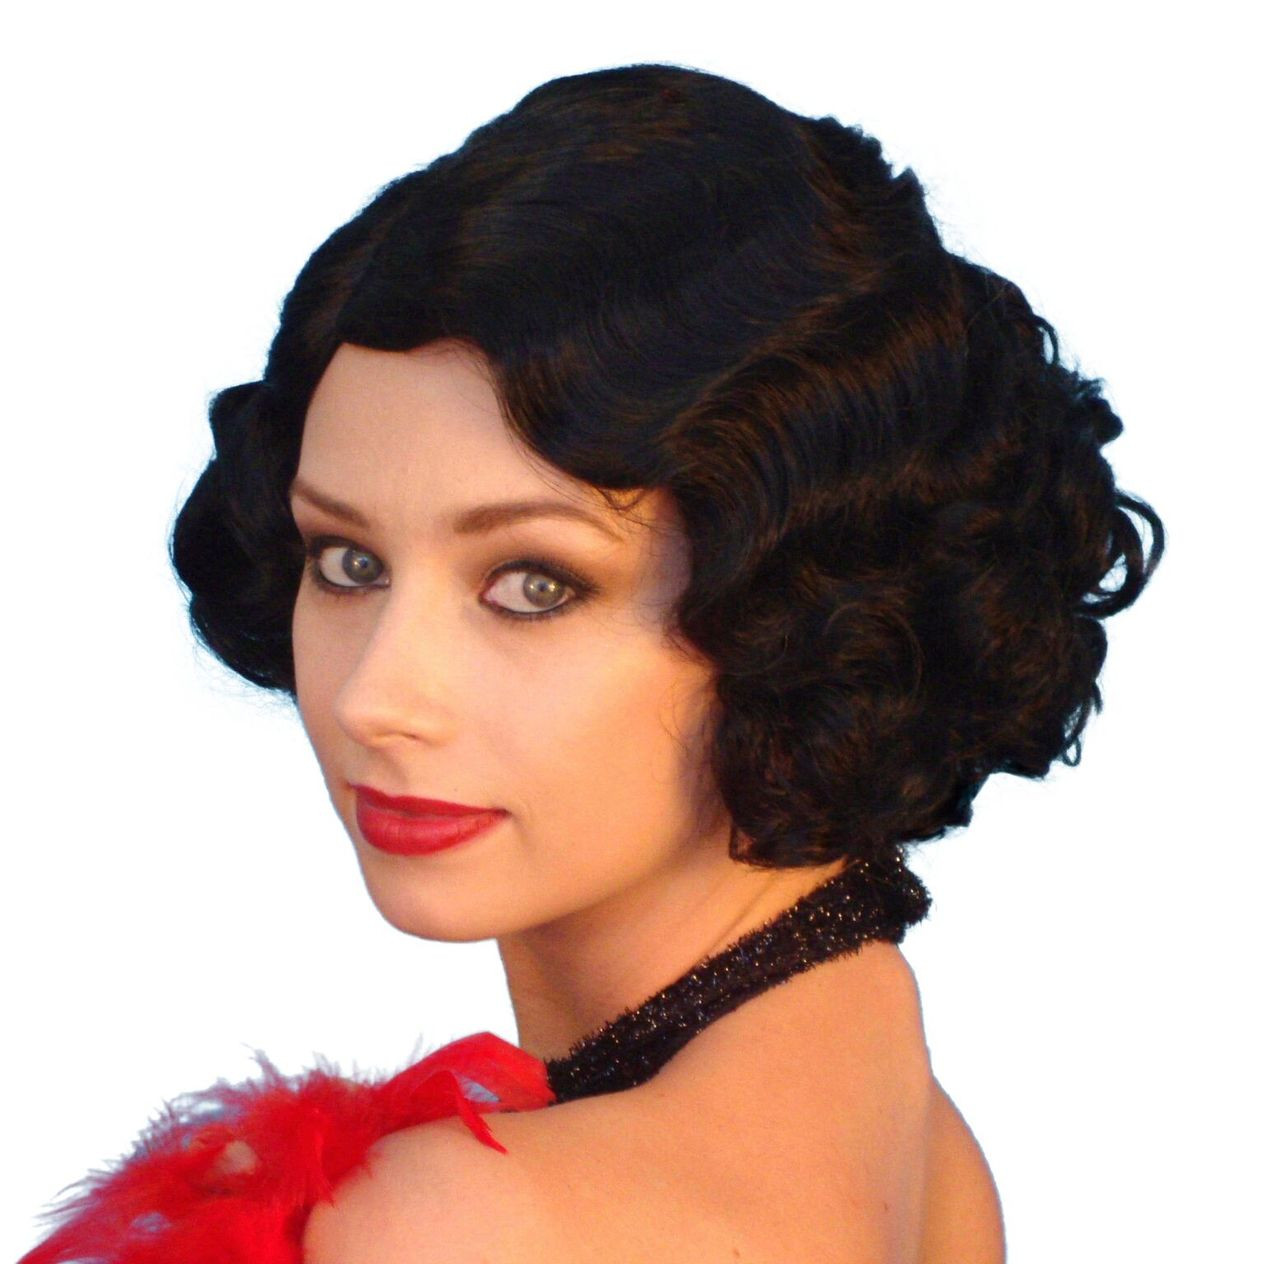 cabaret 1920s flapper black costume wig - the wig outlet